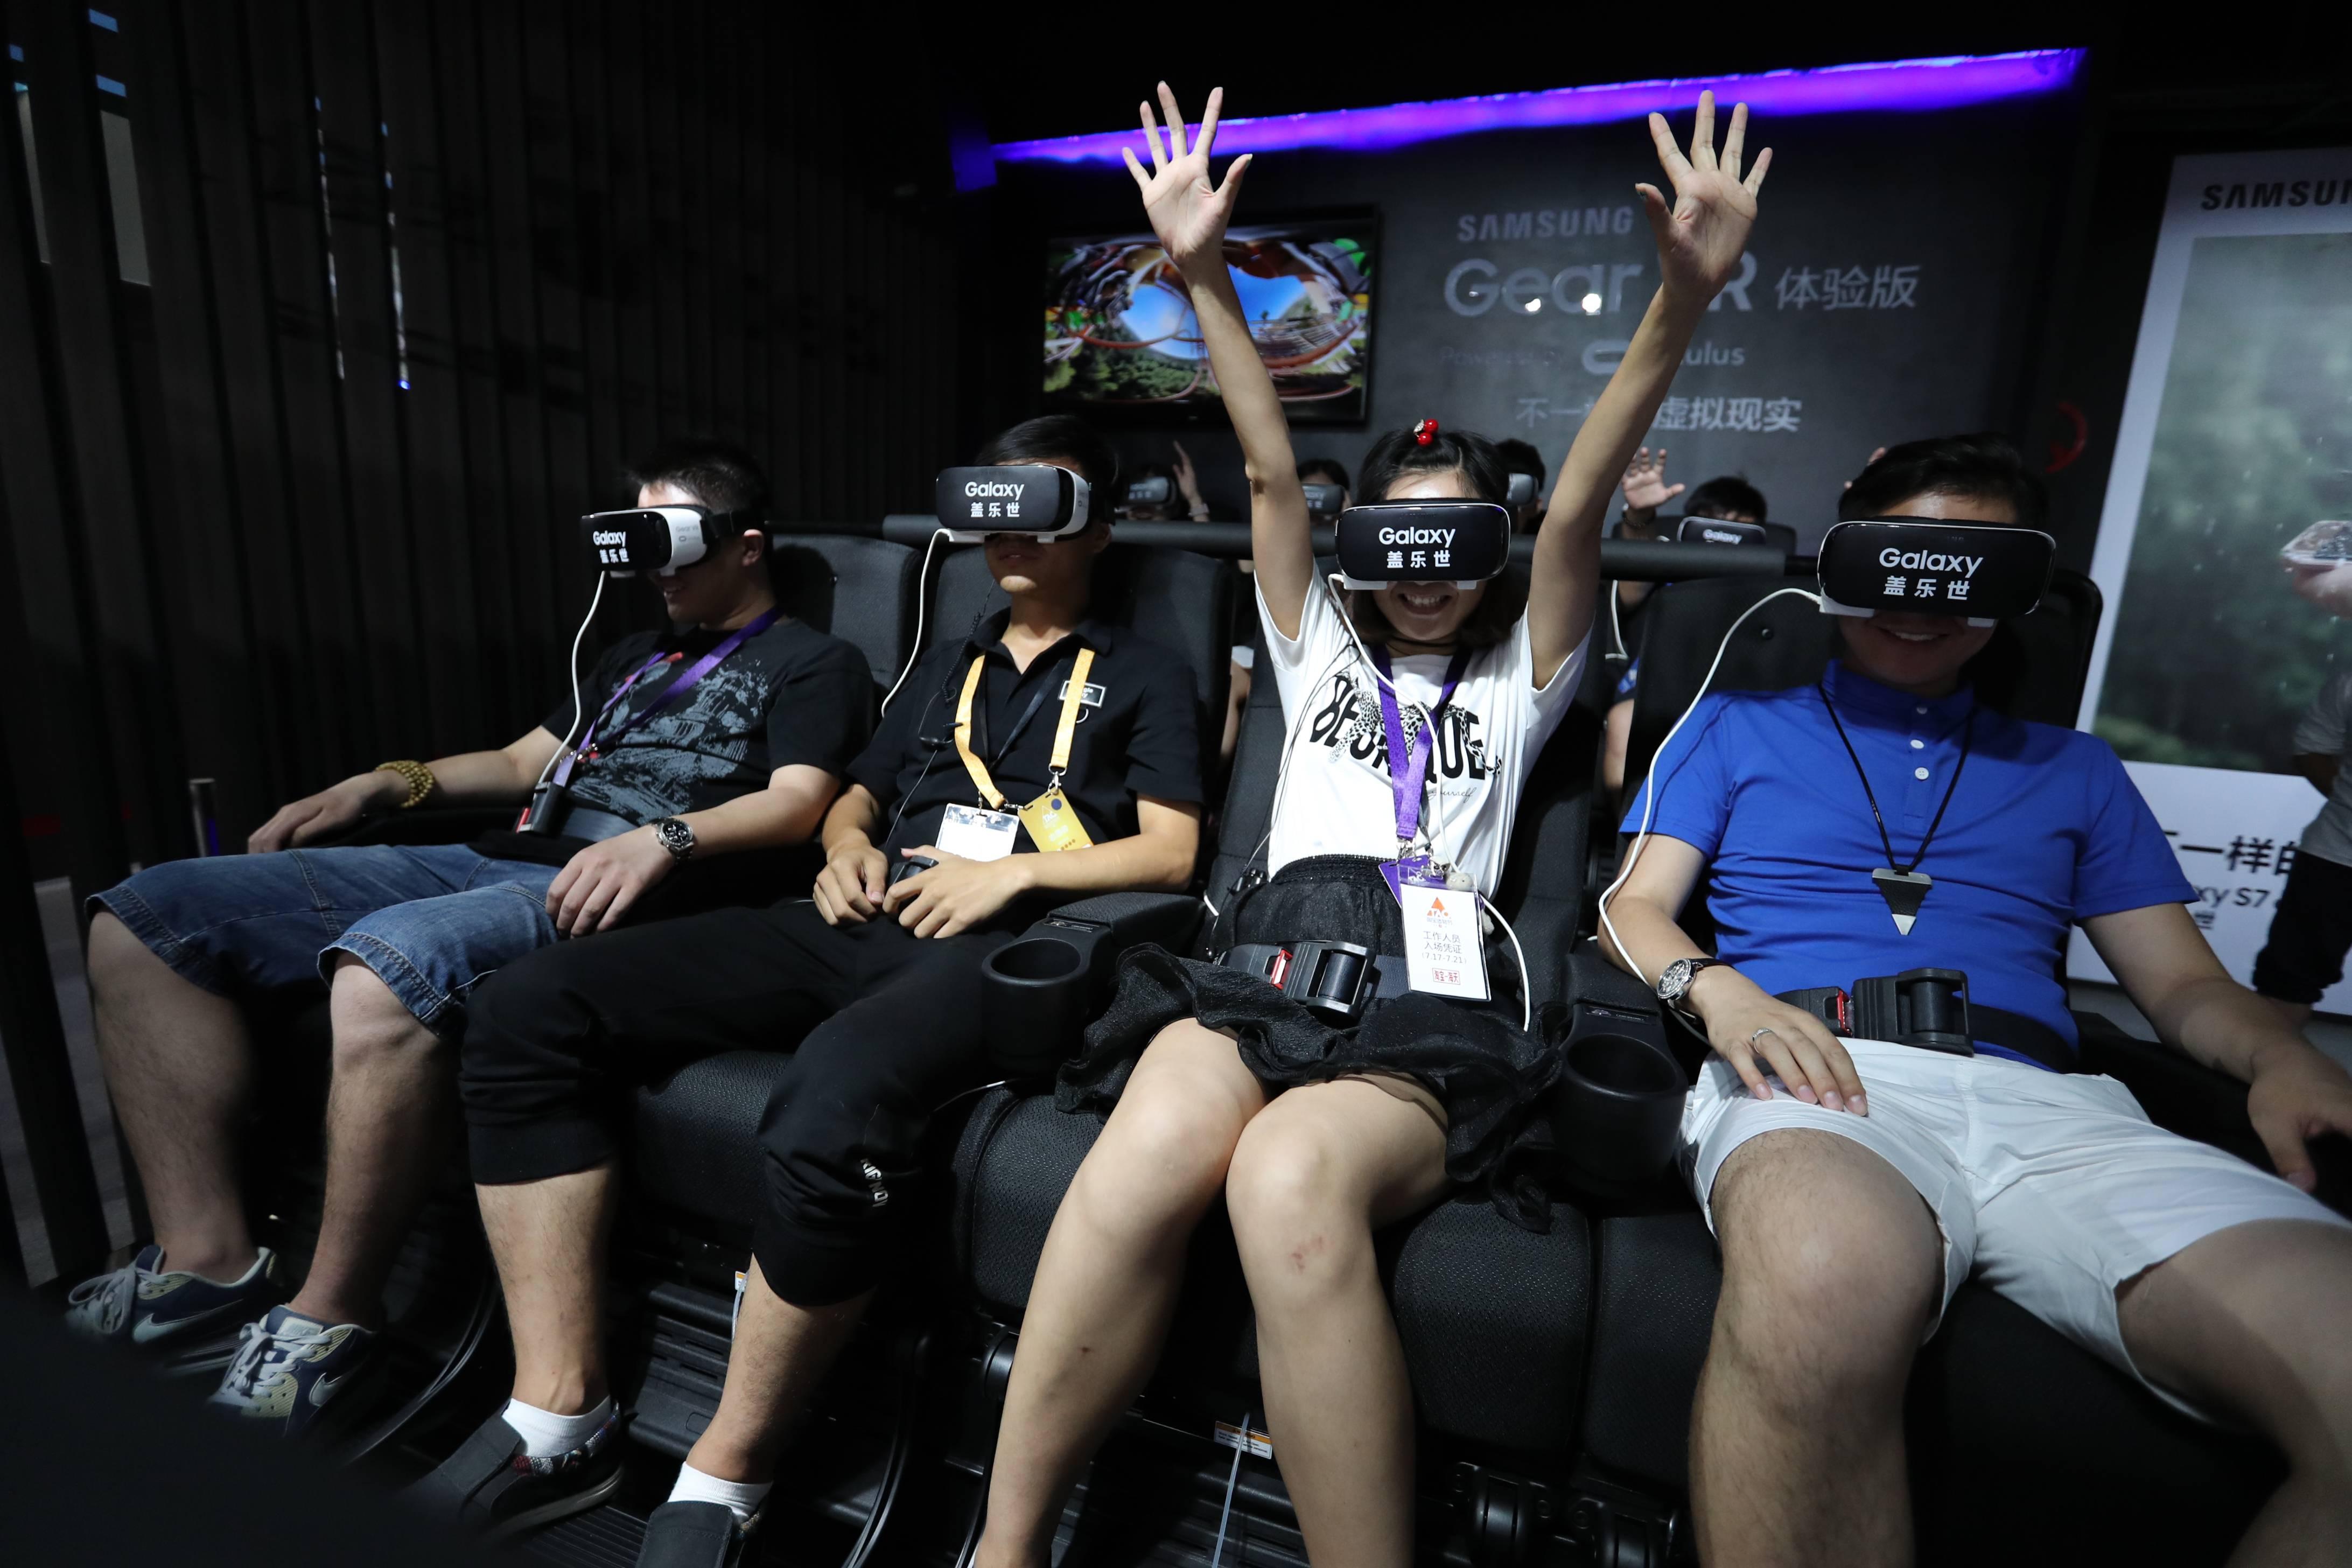 VR过山车,利用座椅的震动摇摆和VR技术营造坐过山车的场景(如果早有这个东西,新一说不定就不会变成柯南了。。